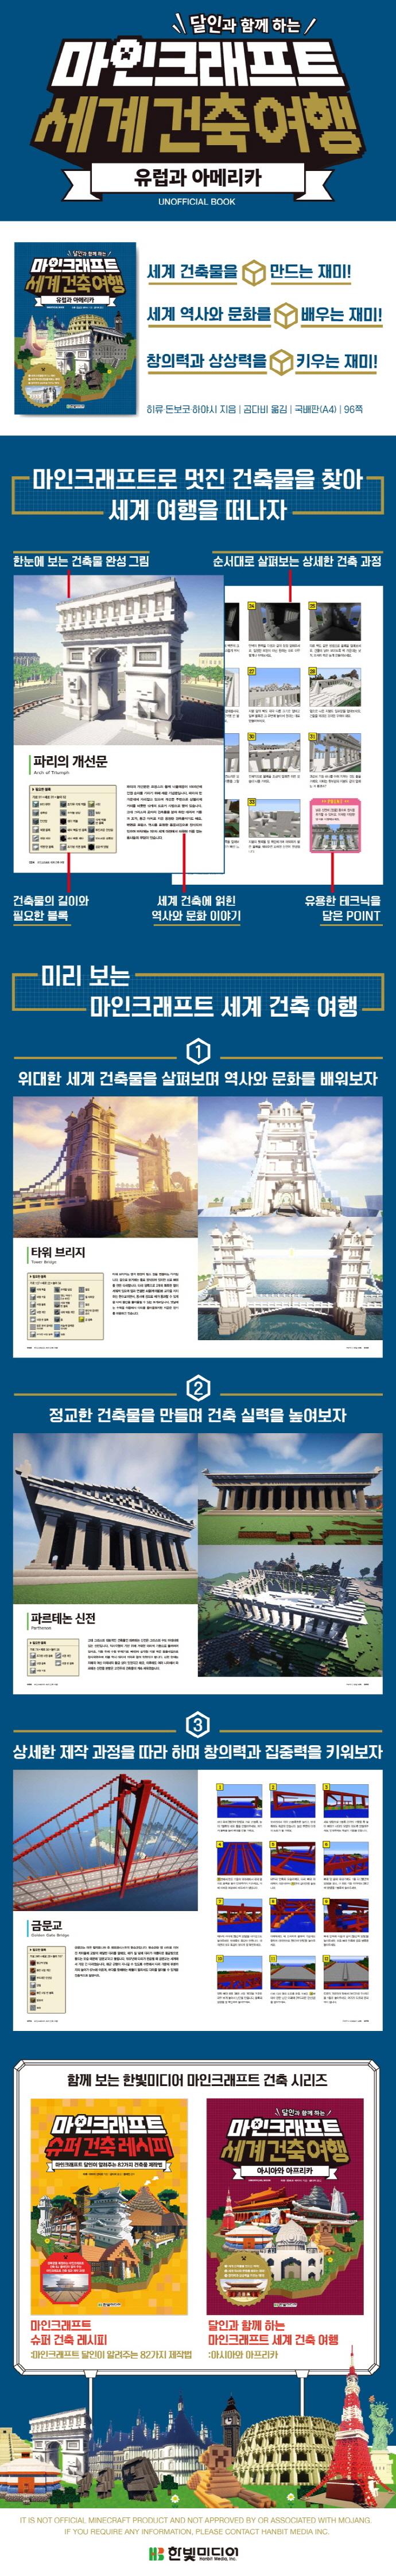 마인크래프트 세계 건축 여행: 유럽과 아메리카(달인과 함께하는)(양장본 HardCover) 도서 상세이미지